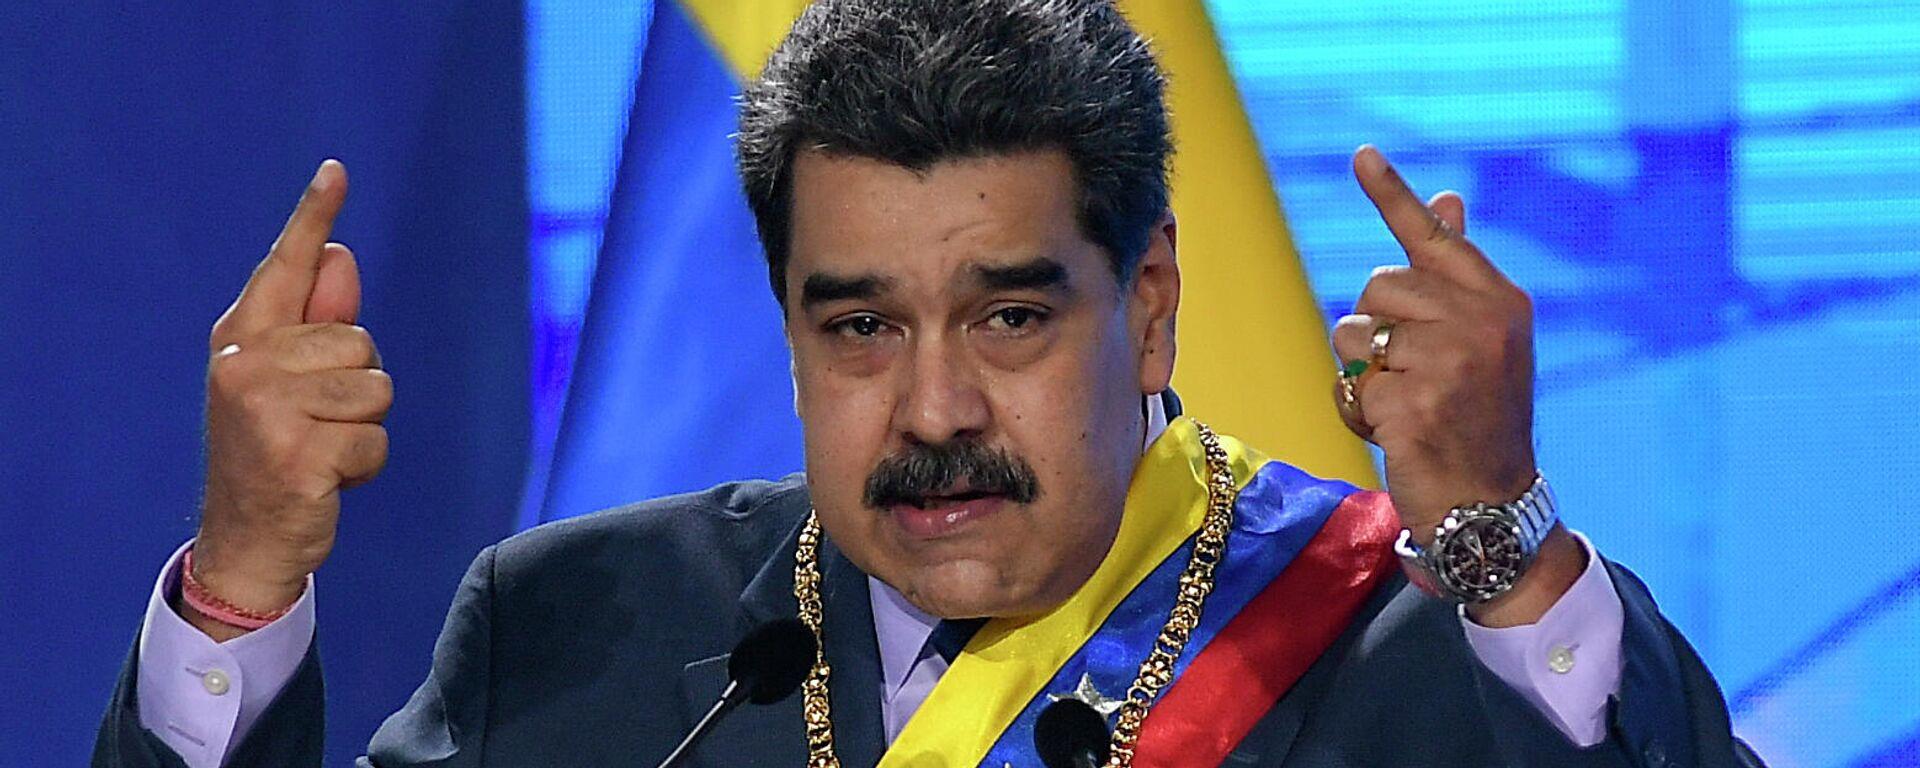 Nicolás Maduro, presidente de Venezuela - Sputnik Mundo, 1920, 06.08.2021